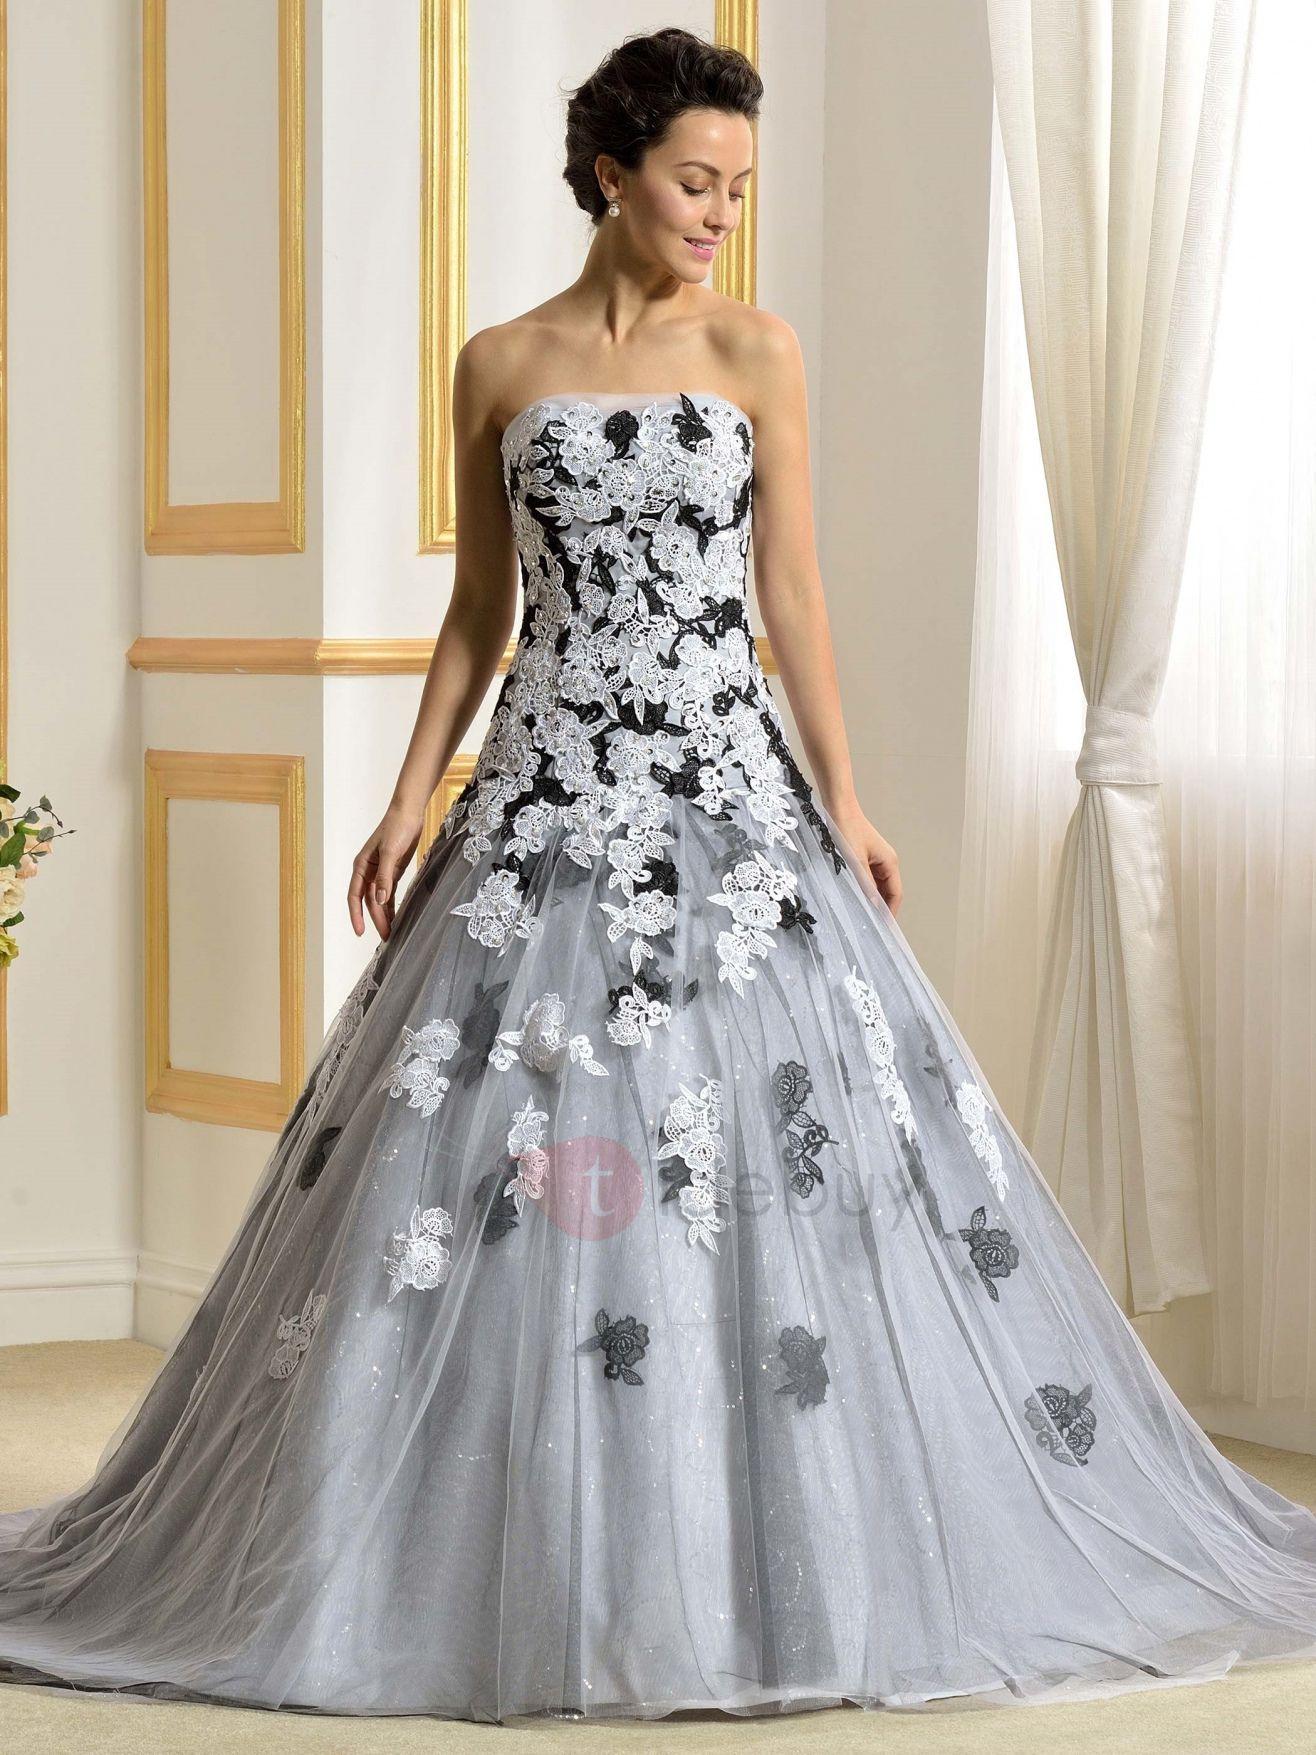 99+ original Wedding Dress Color - Country Dresses for Weddings ...